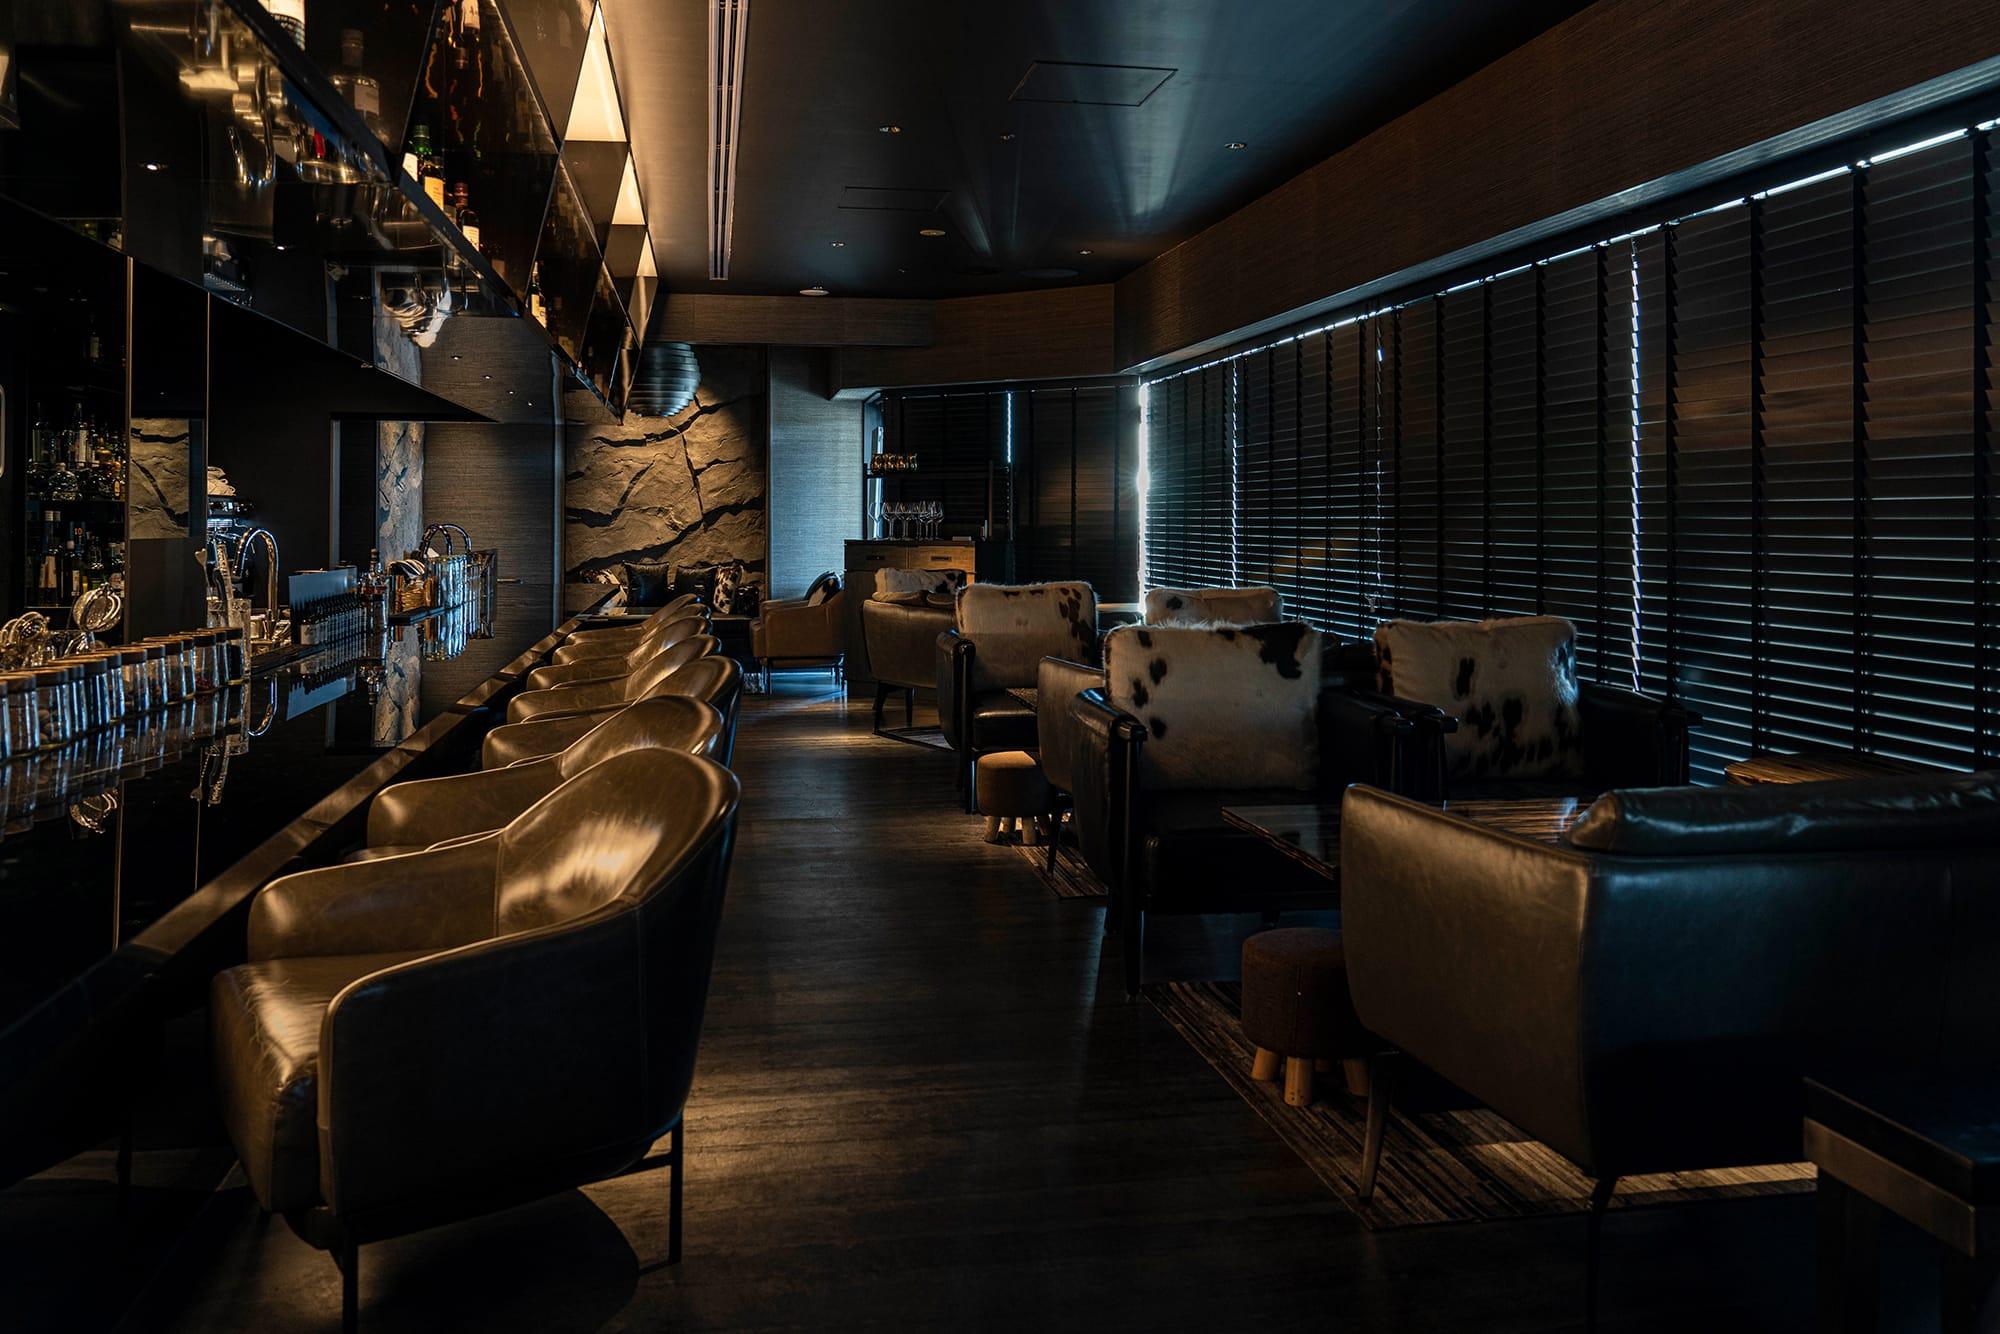 「THE GREY ROOM」は個性的なメニューや洗練された設えはもちろん、地上30m(ビルの11階)という好立地も大きな魅力だ。